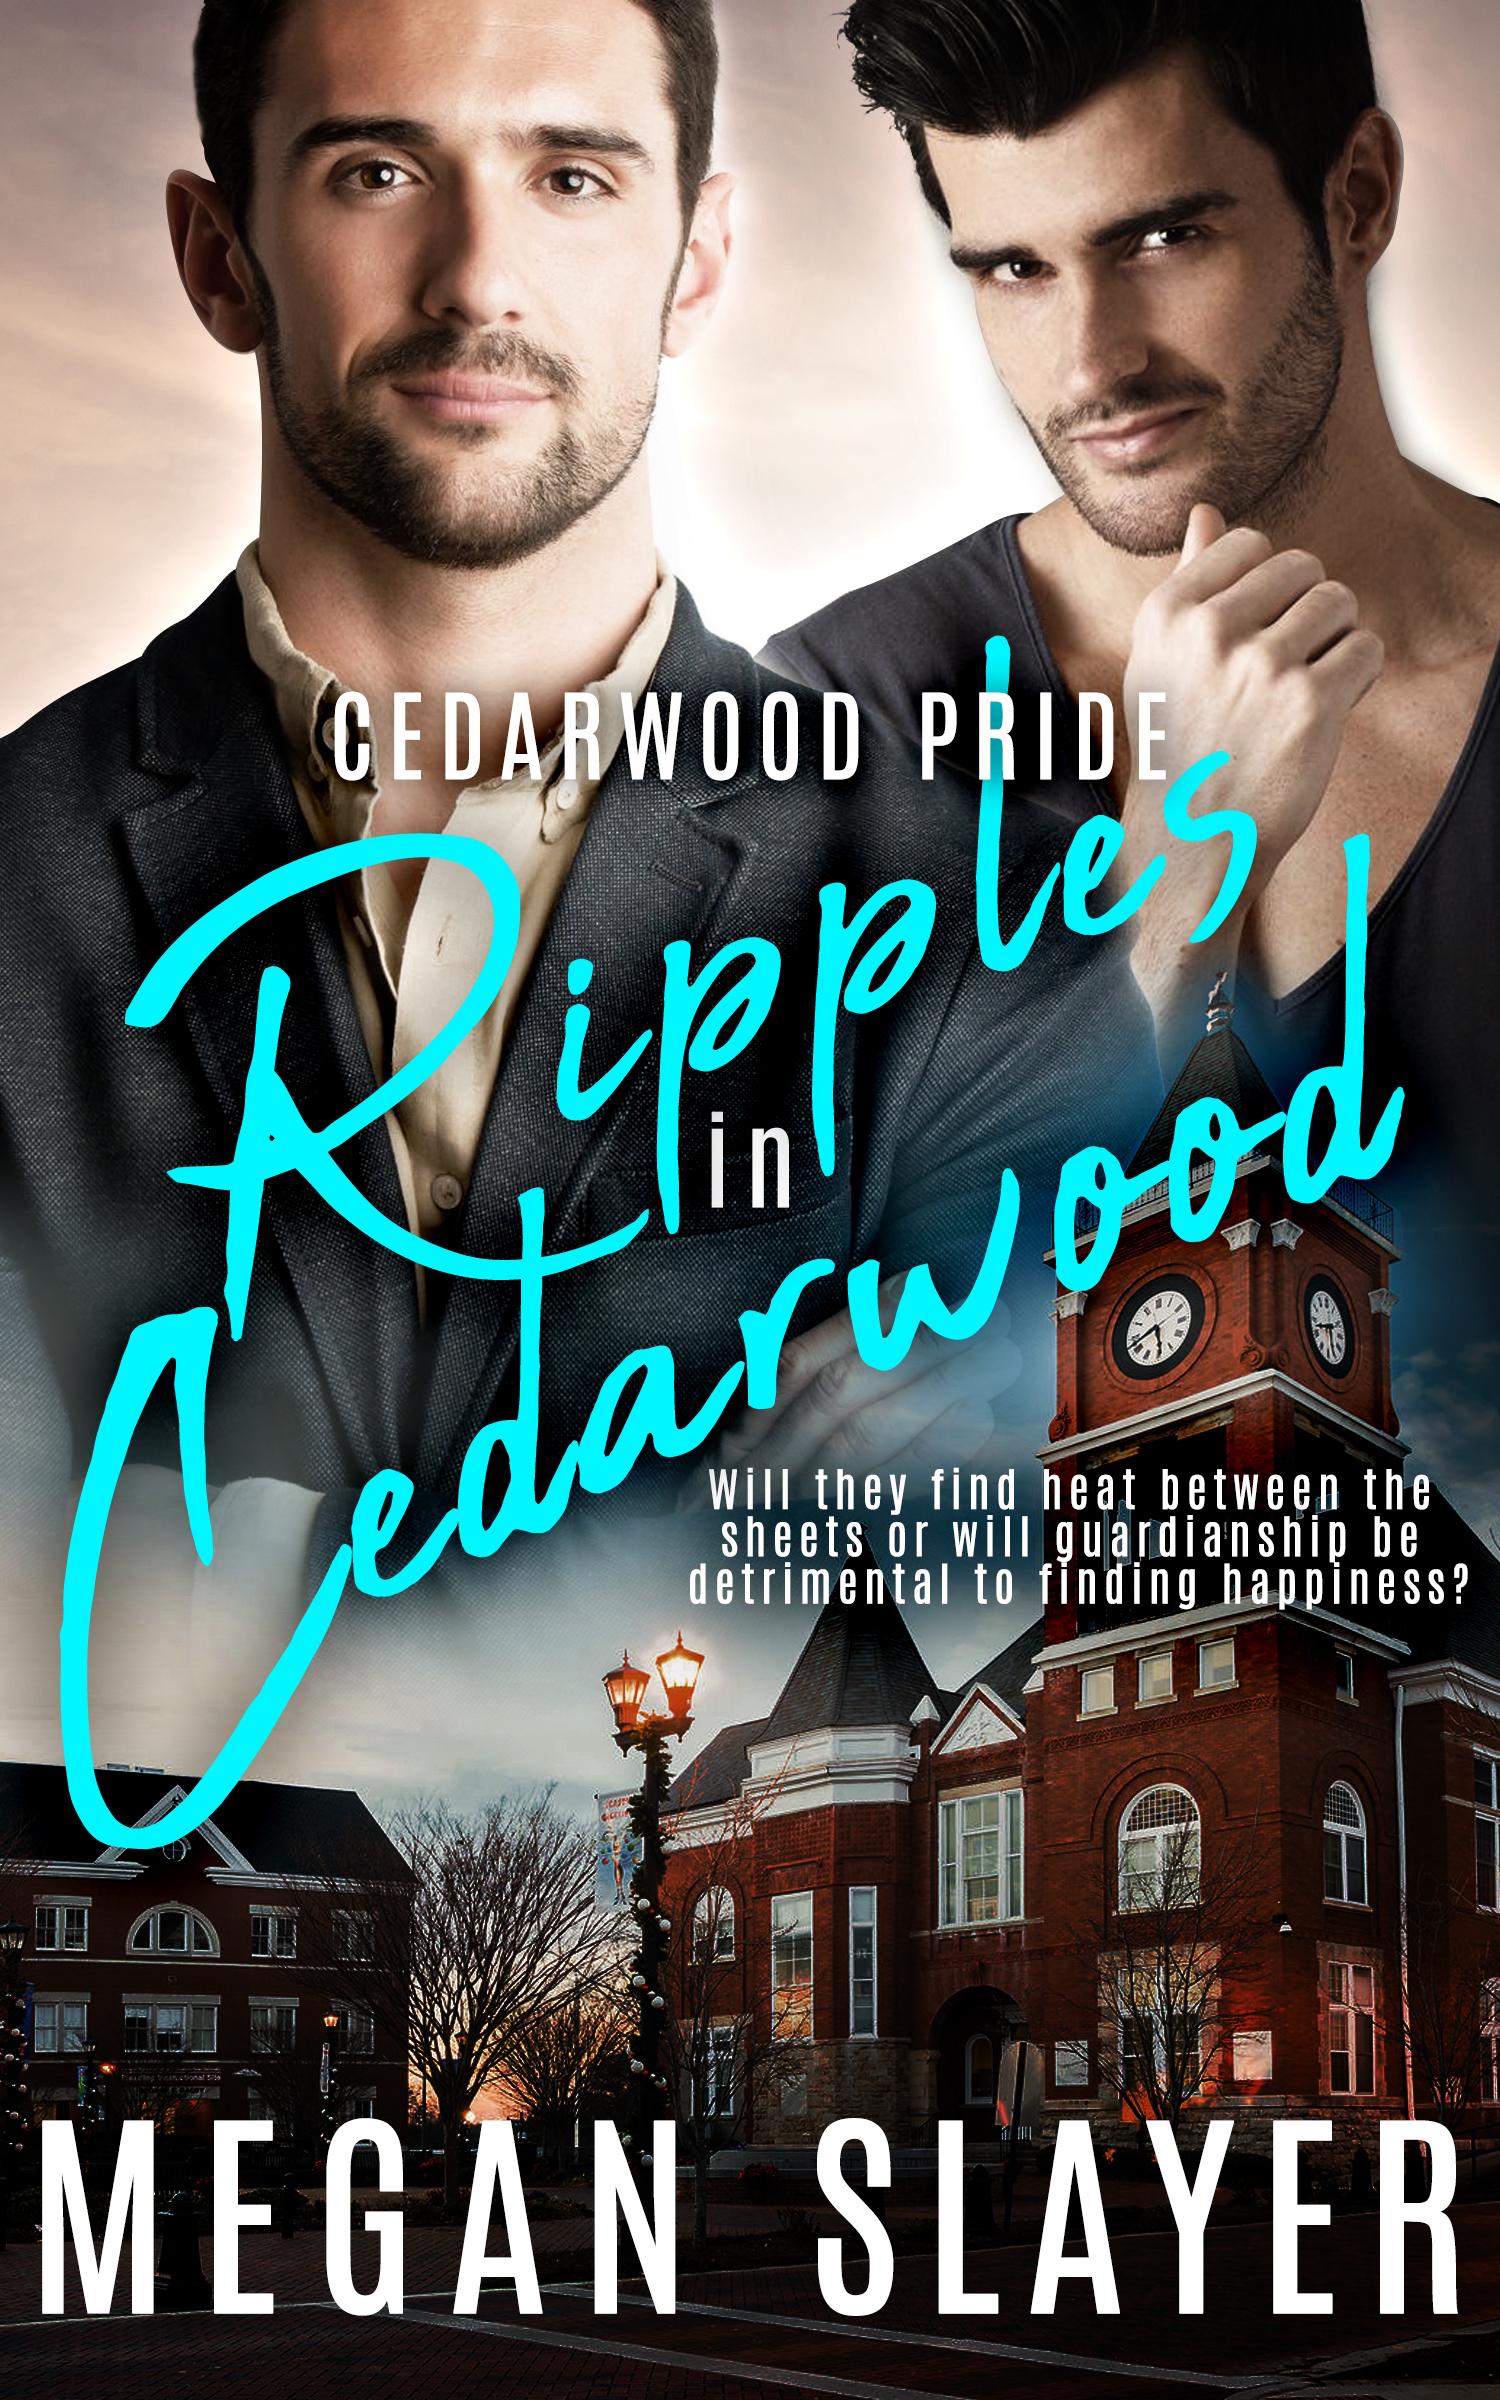 RipplesinCedarwood_9781786517890_Ebook_1500x2400.jpg